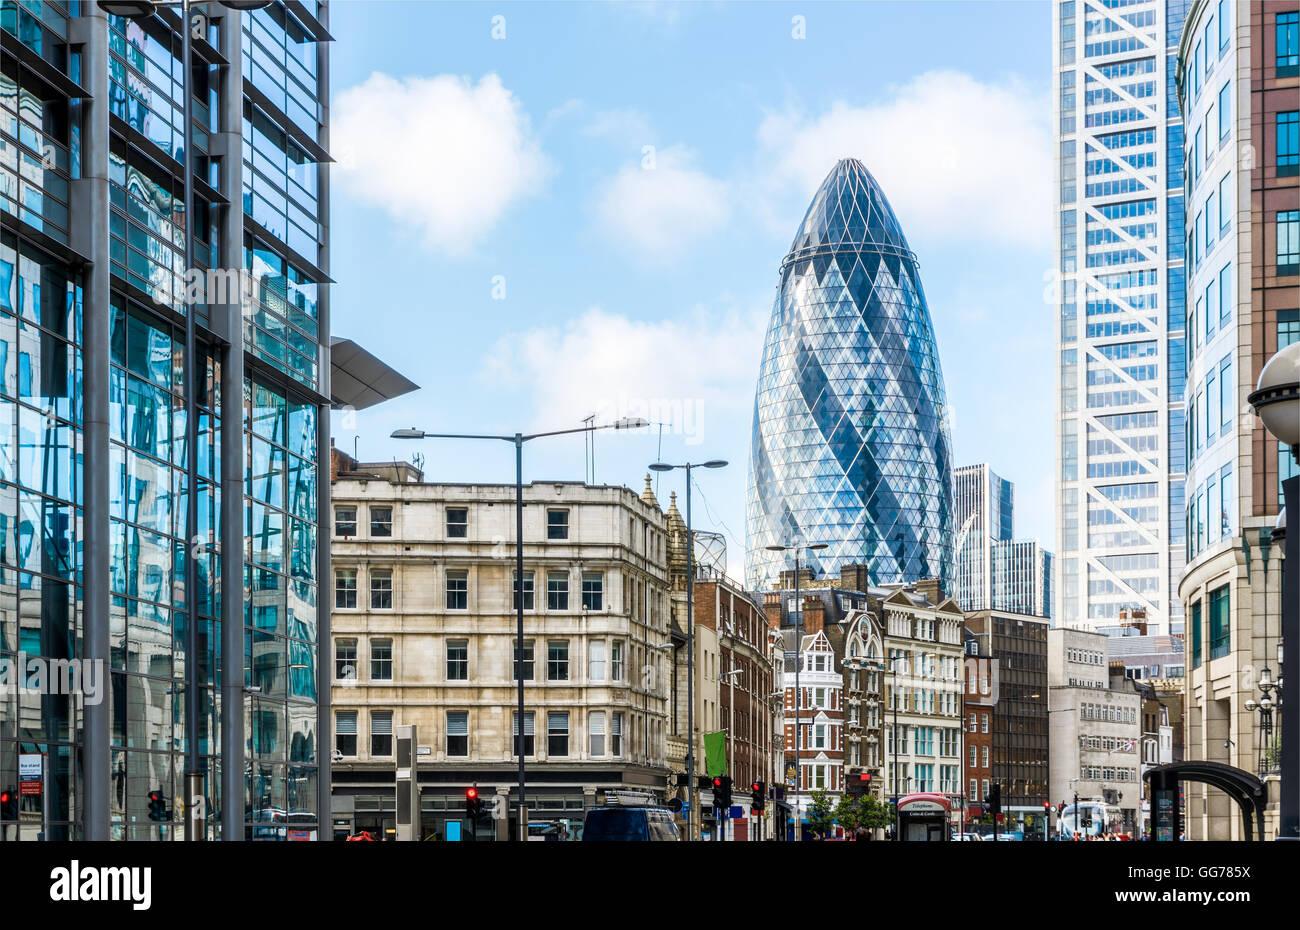 Vue sur la ville de Londres autour de la gare de Liverpool Street Photo Stock